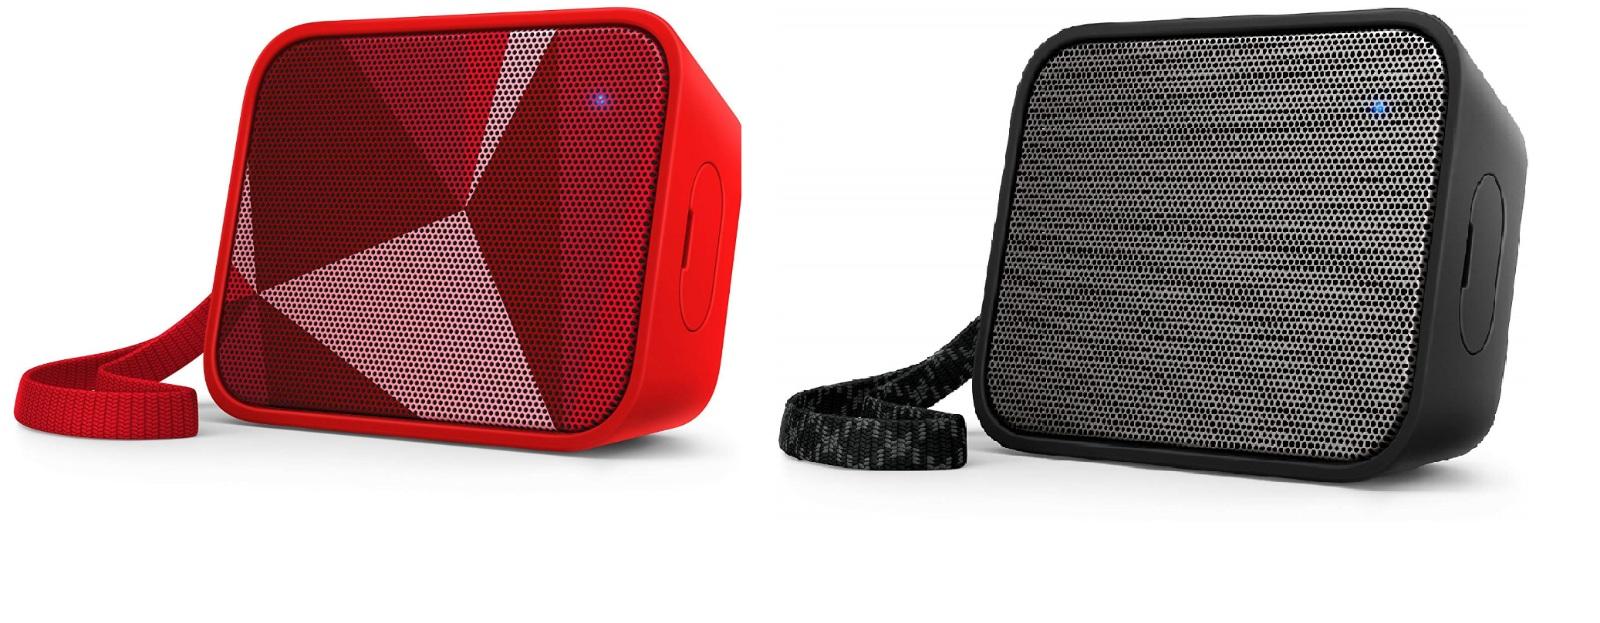 Inilah-6-Pilihan-Bluetooth-Speaker-Terbaik-di-Bawah-500-ribu-philips